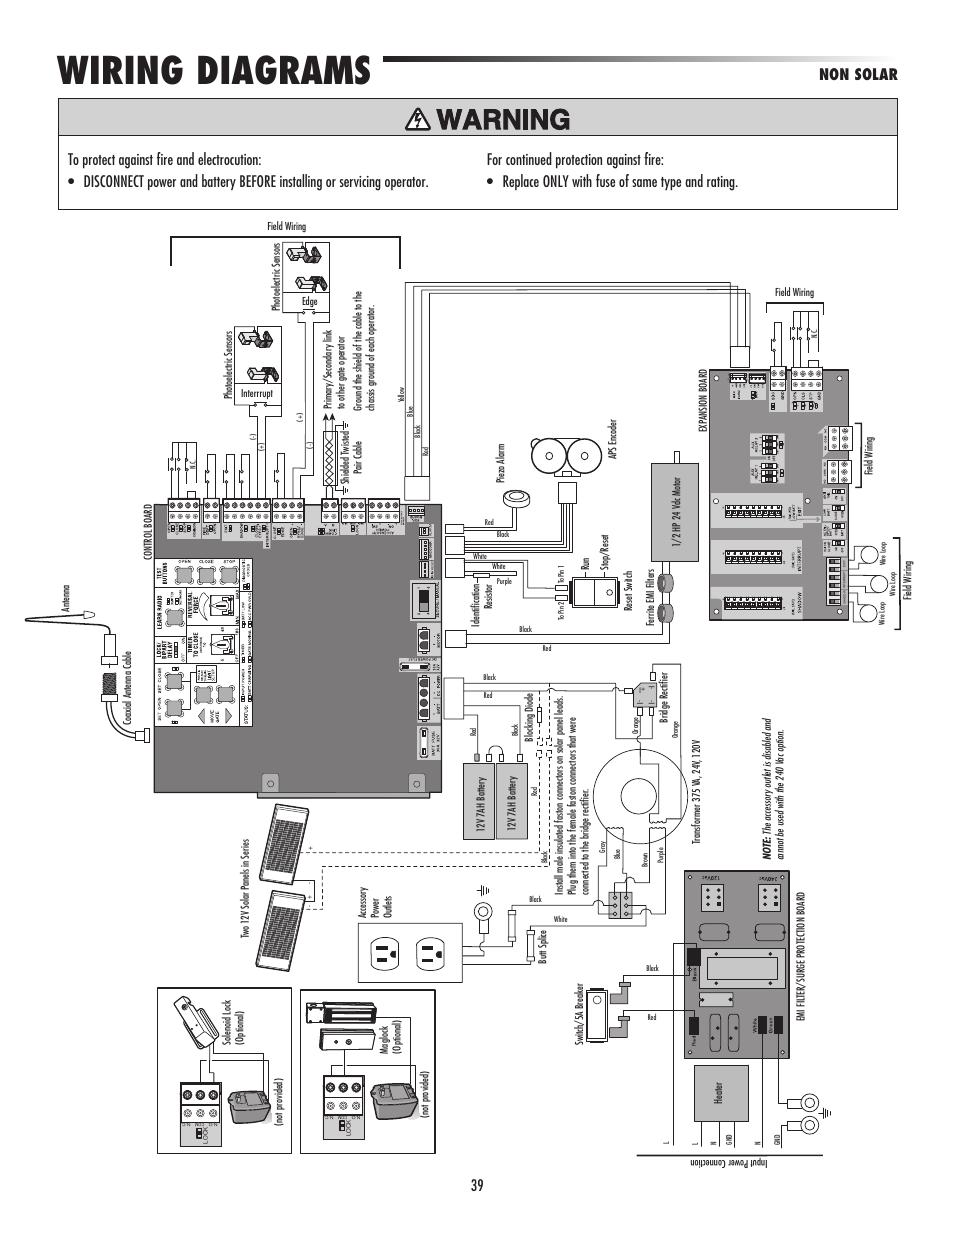 wiring diagrams, non solar, 39 non solar | liftmaster csw24v high-cycle  commercial